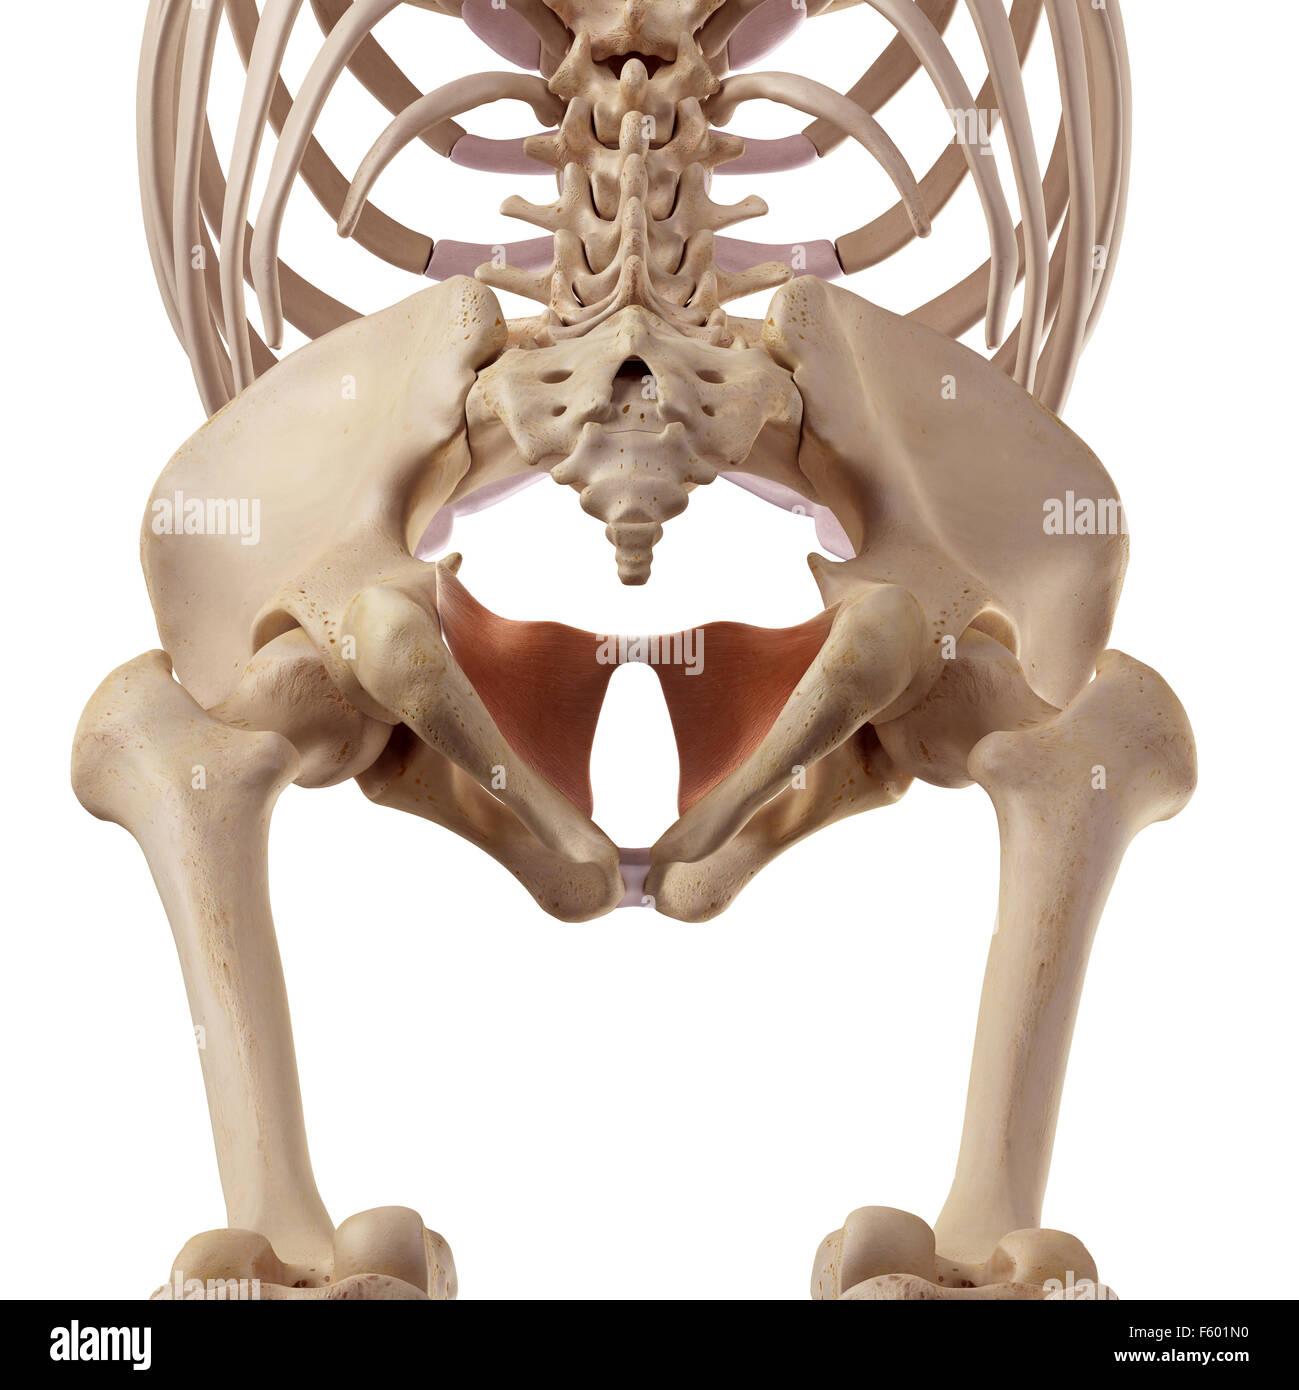 medizinische genaue Darstellung der coccygeus Stockbild